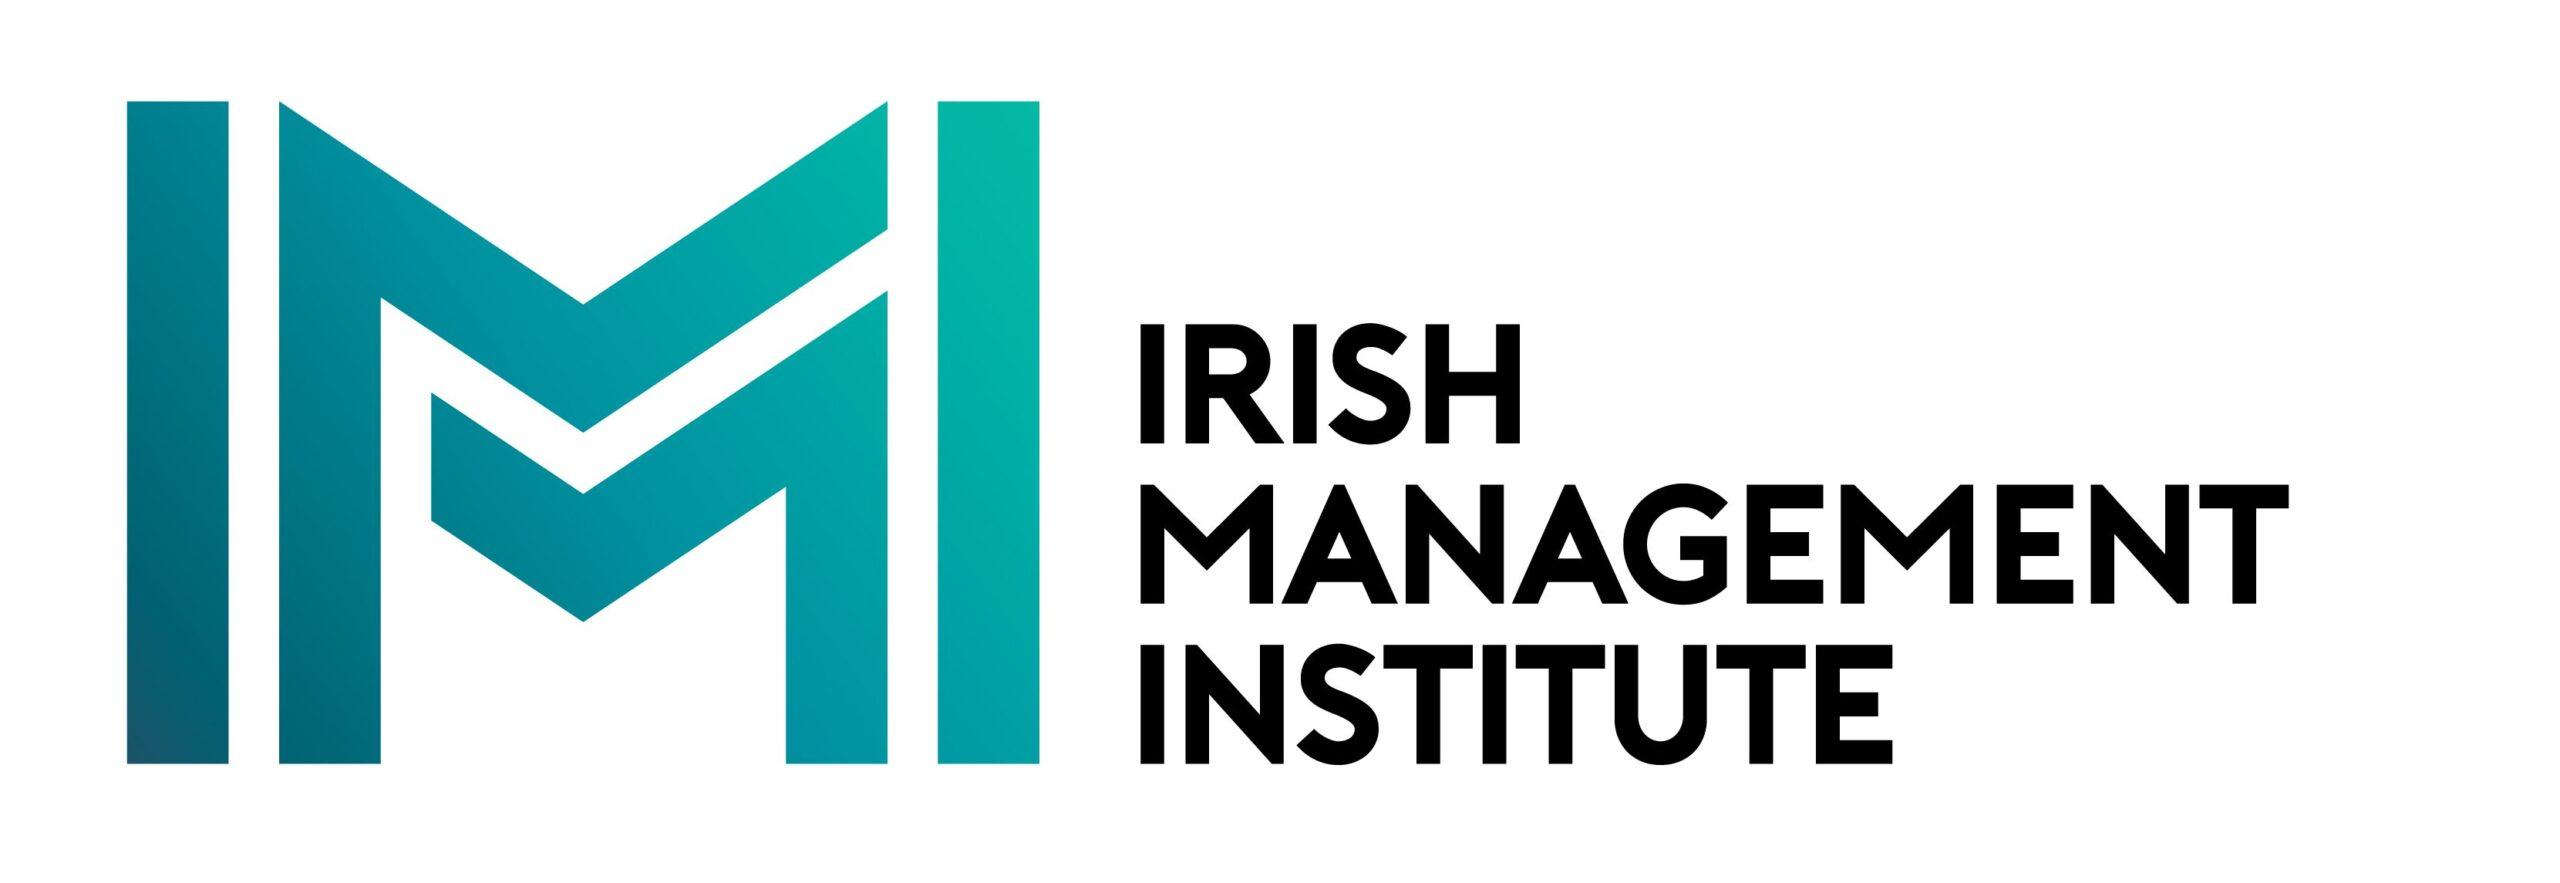 Irish Management Institute Logo